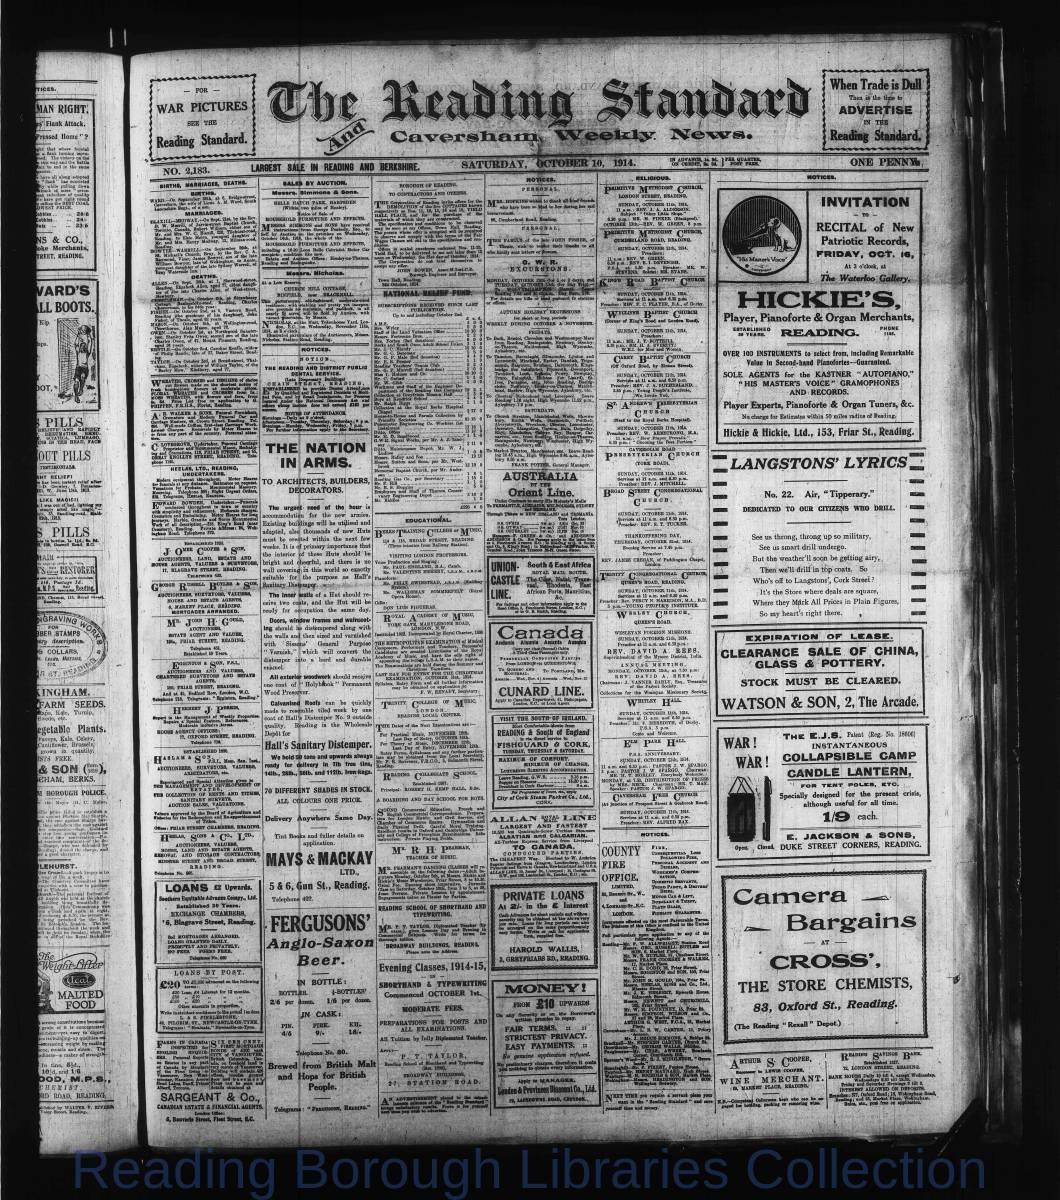 Reading Standard, Saturday, October 10,  1914. Pg 1